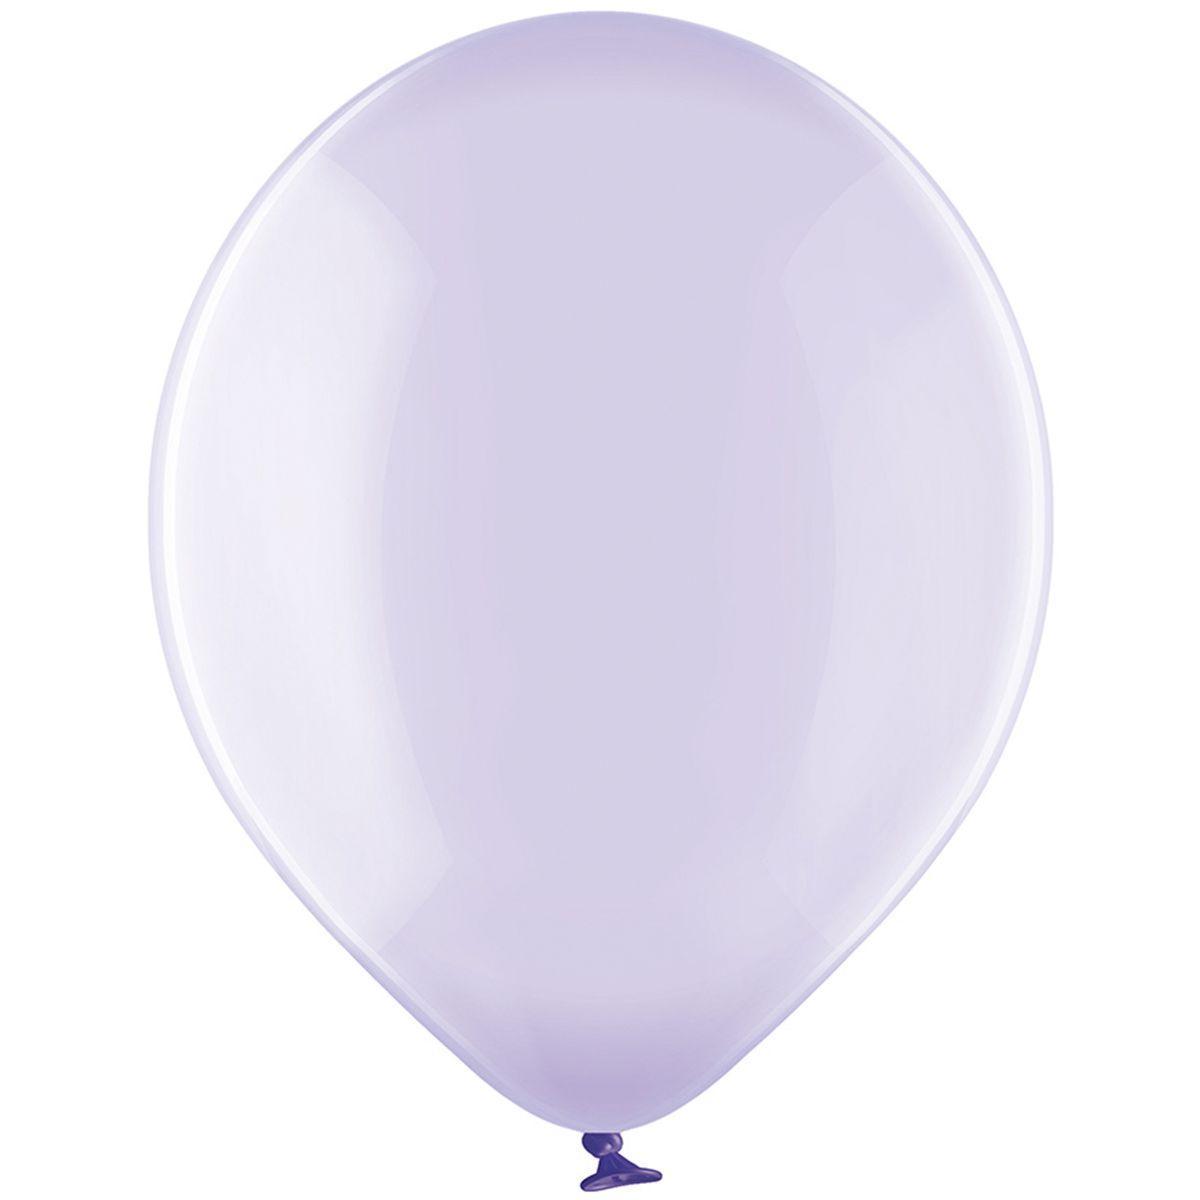 """Кулька 12""""/30 фіолетовий льодяник 043 латекс кристал ТМ """"Belbal"""" однотонний шт."""